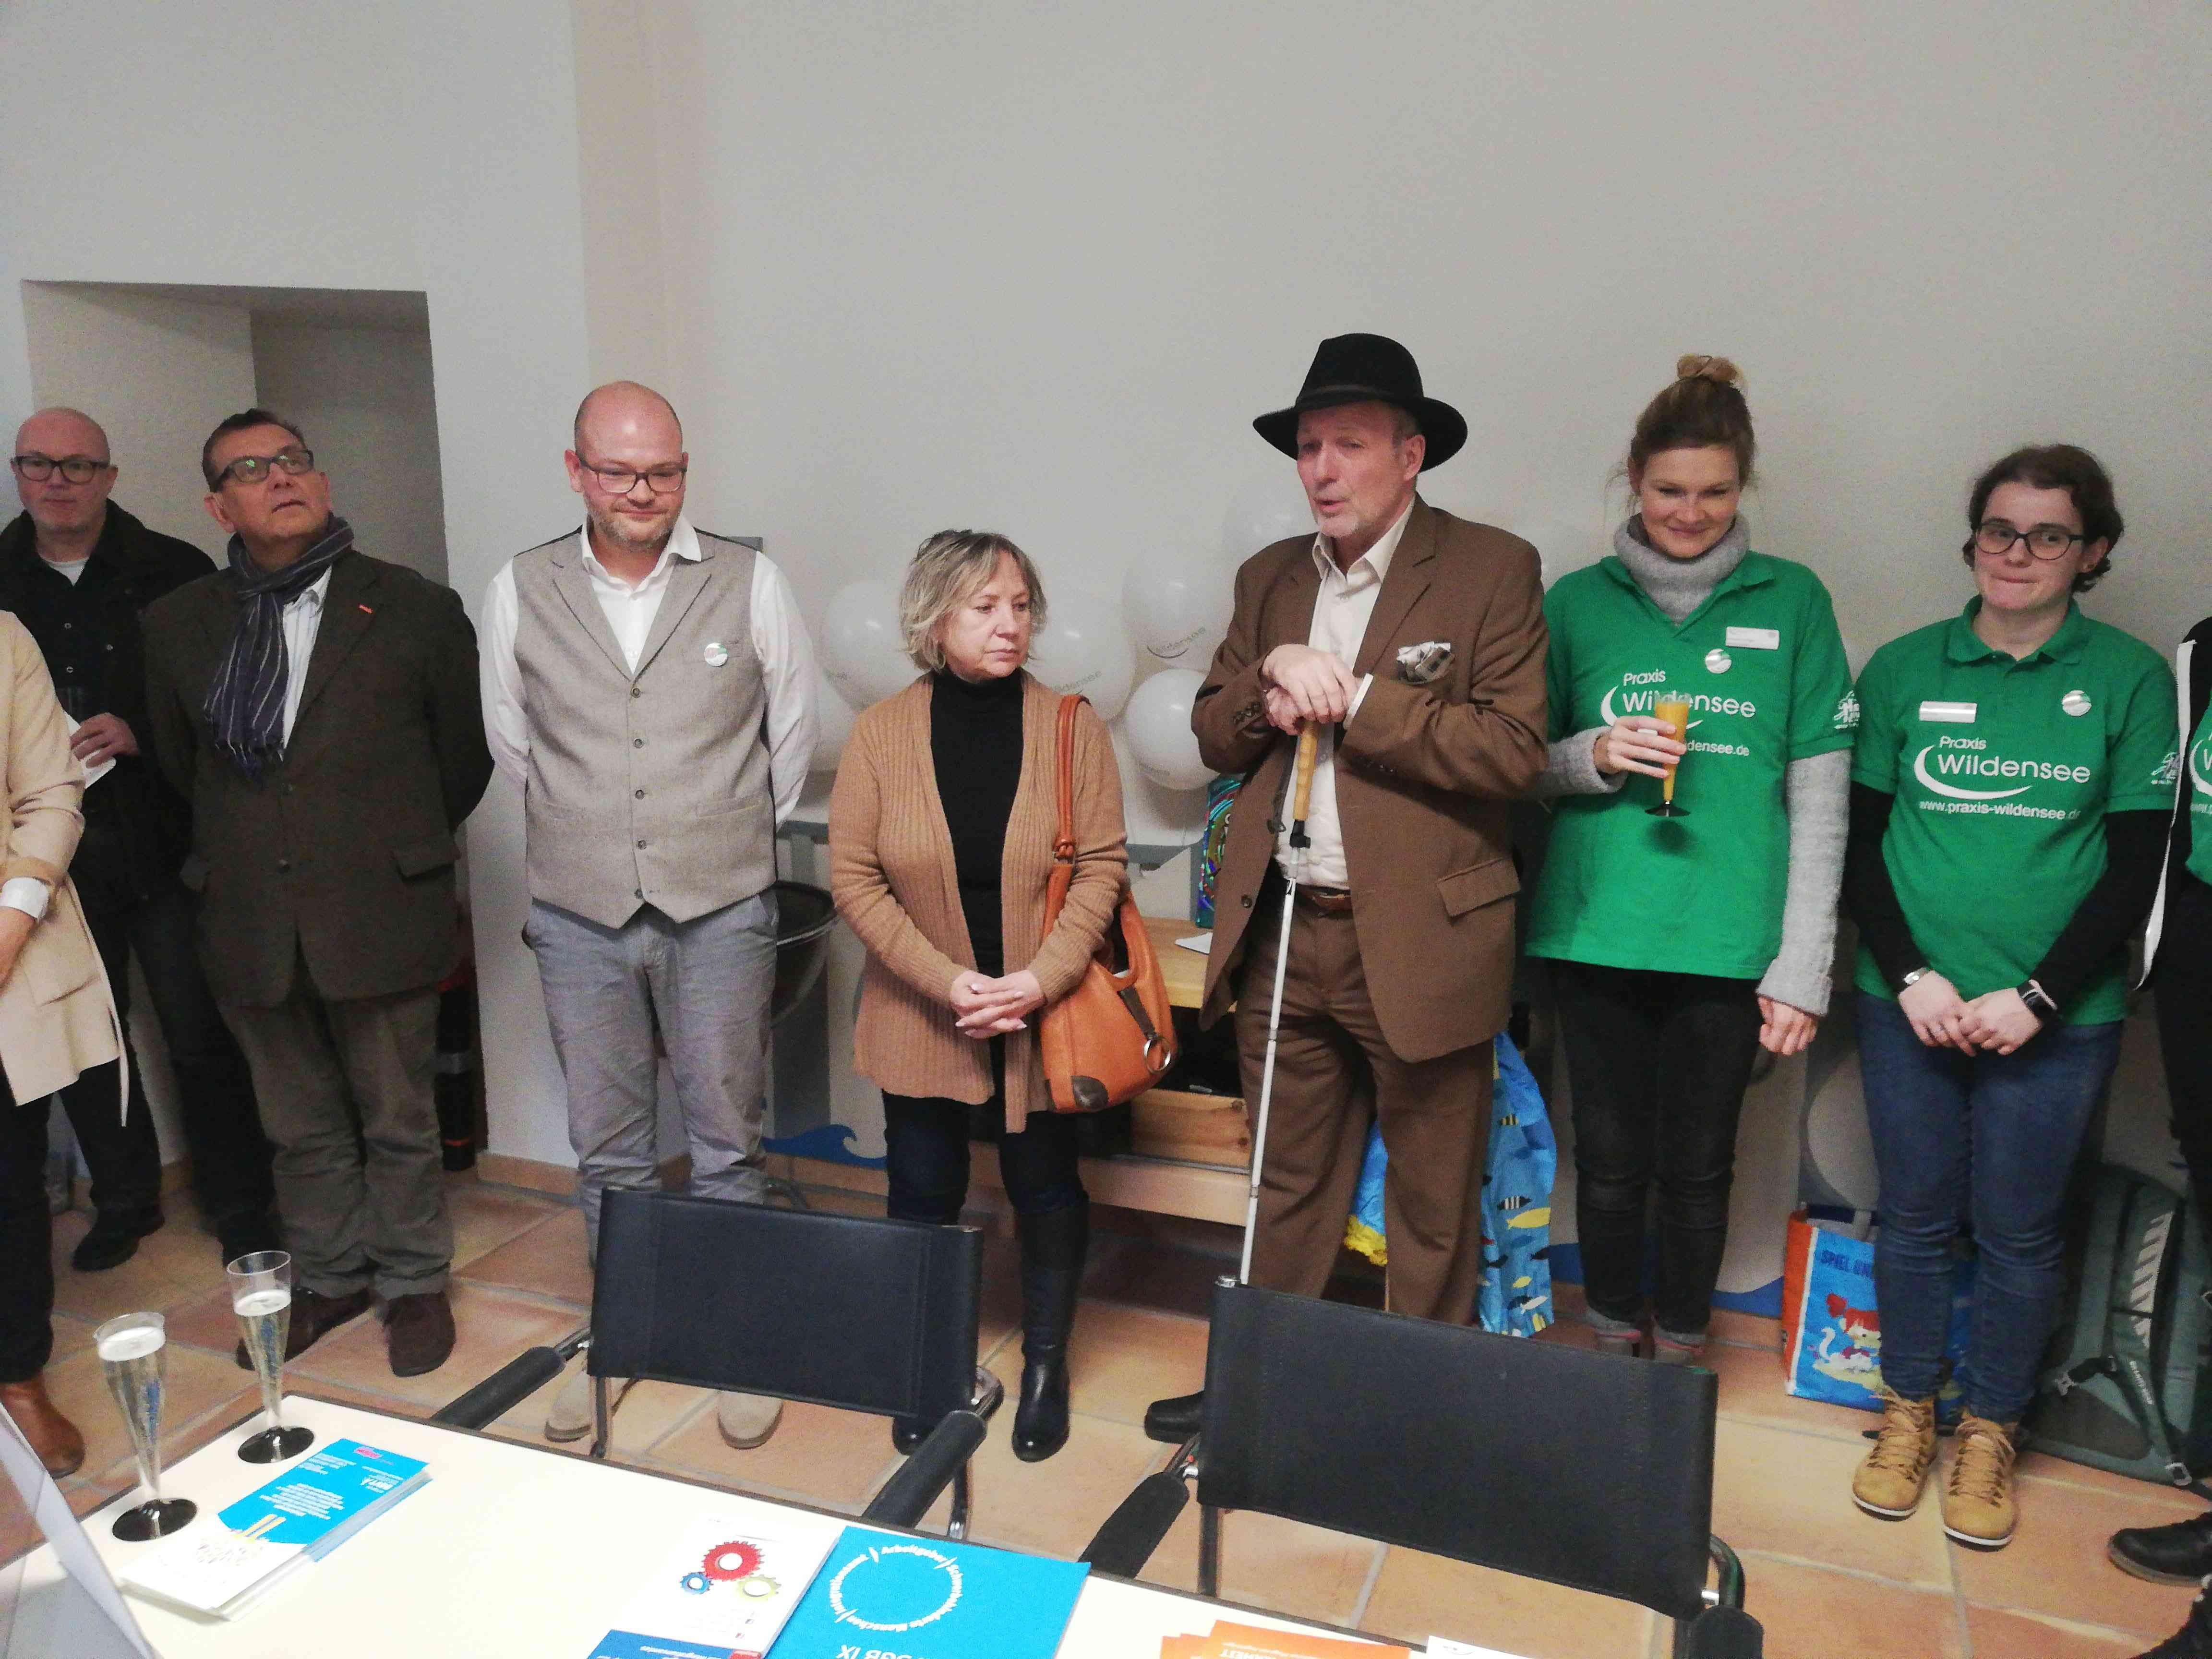 Eröffnung des Tags der offenen Tür durch den Behindertenbeauftragten und Herrn Wildensee